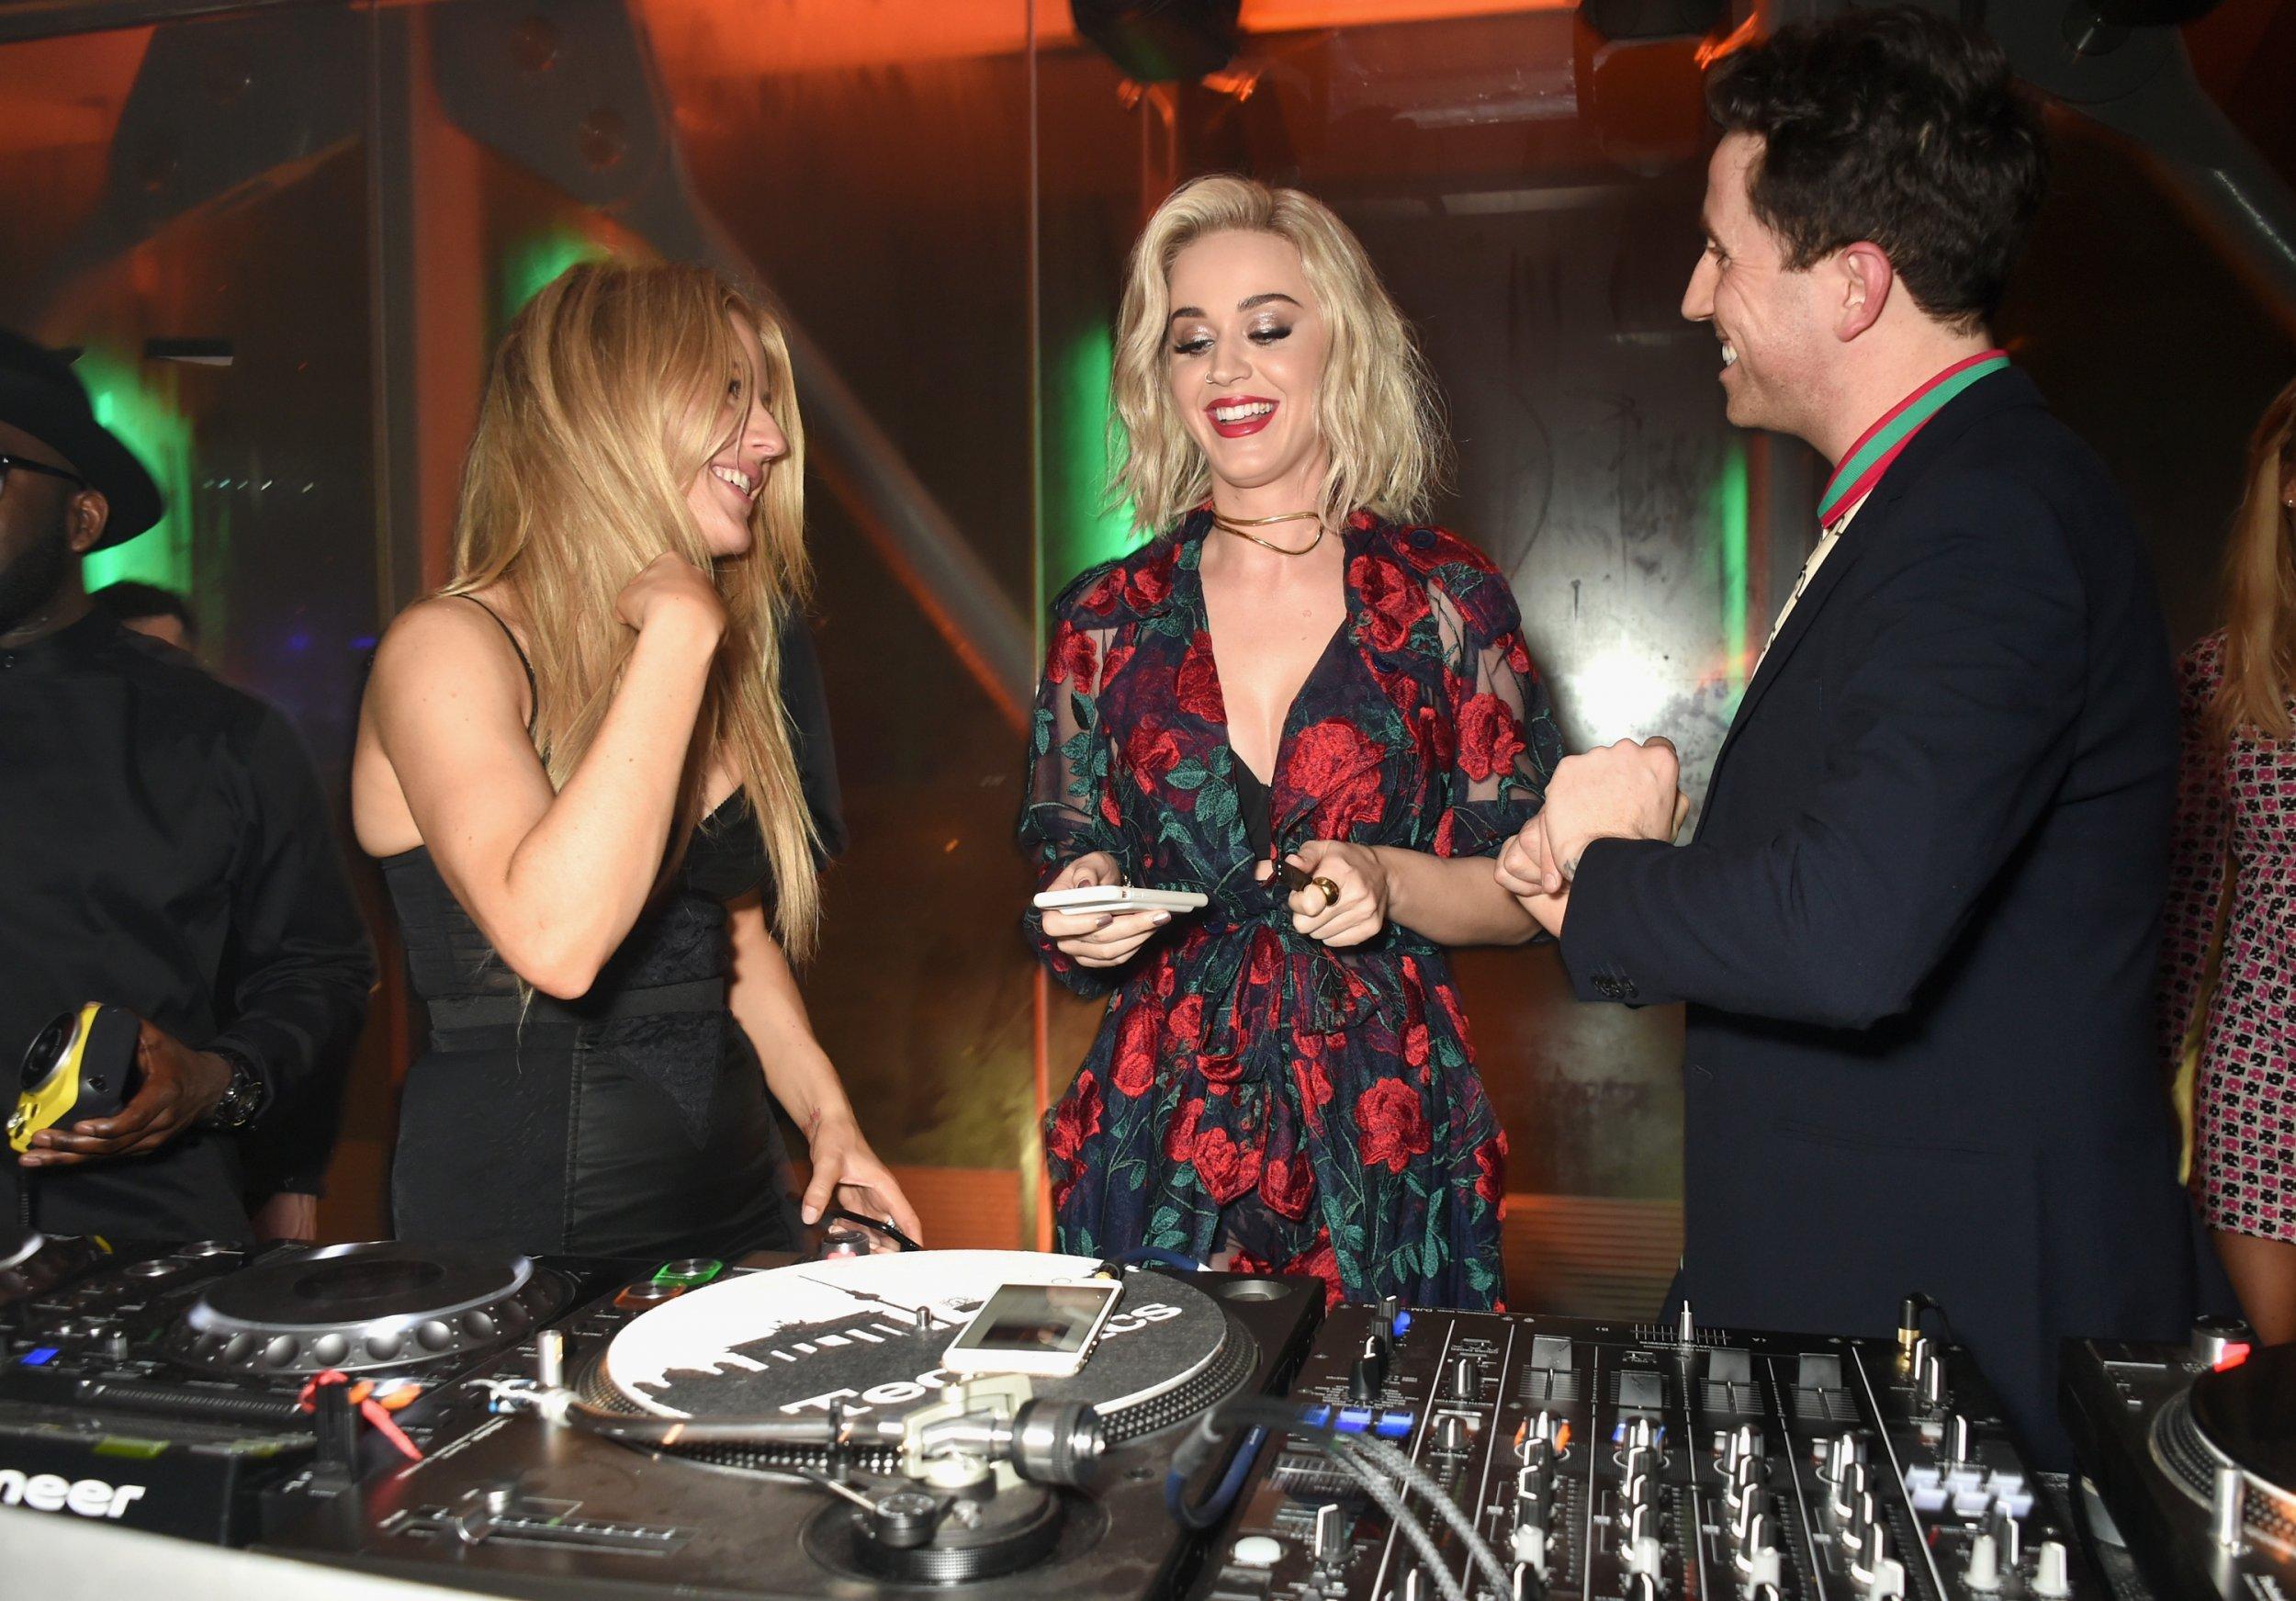 Ellie Goulding, Katy Perry & Nick Grimshaw